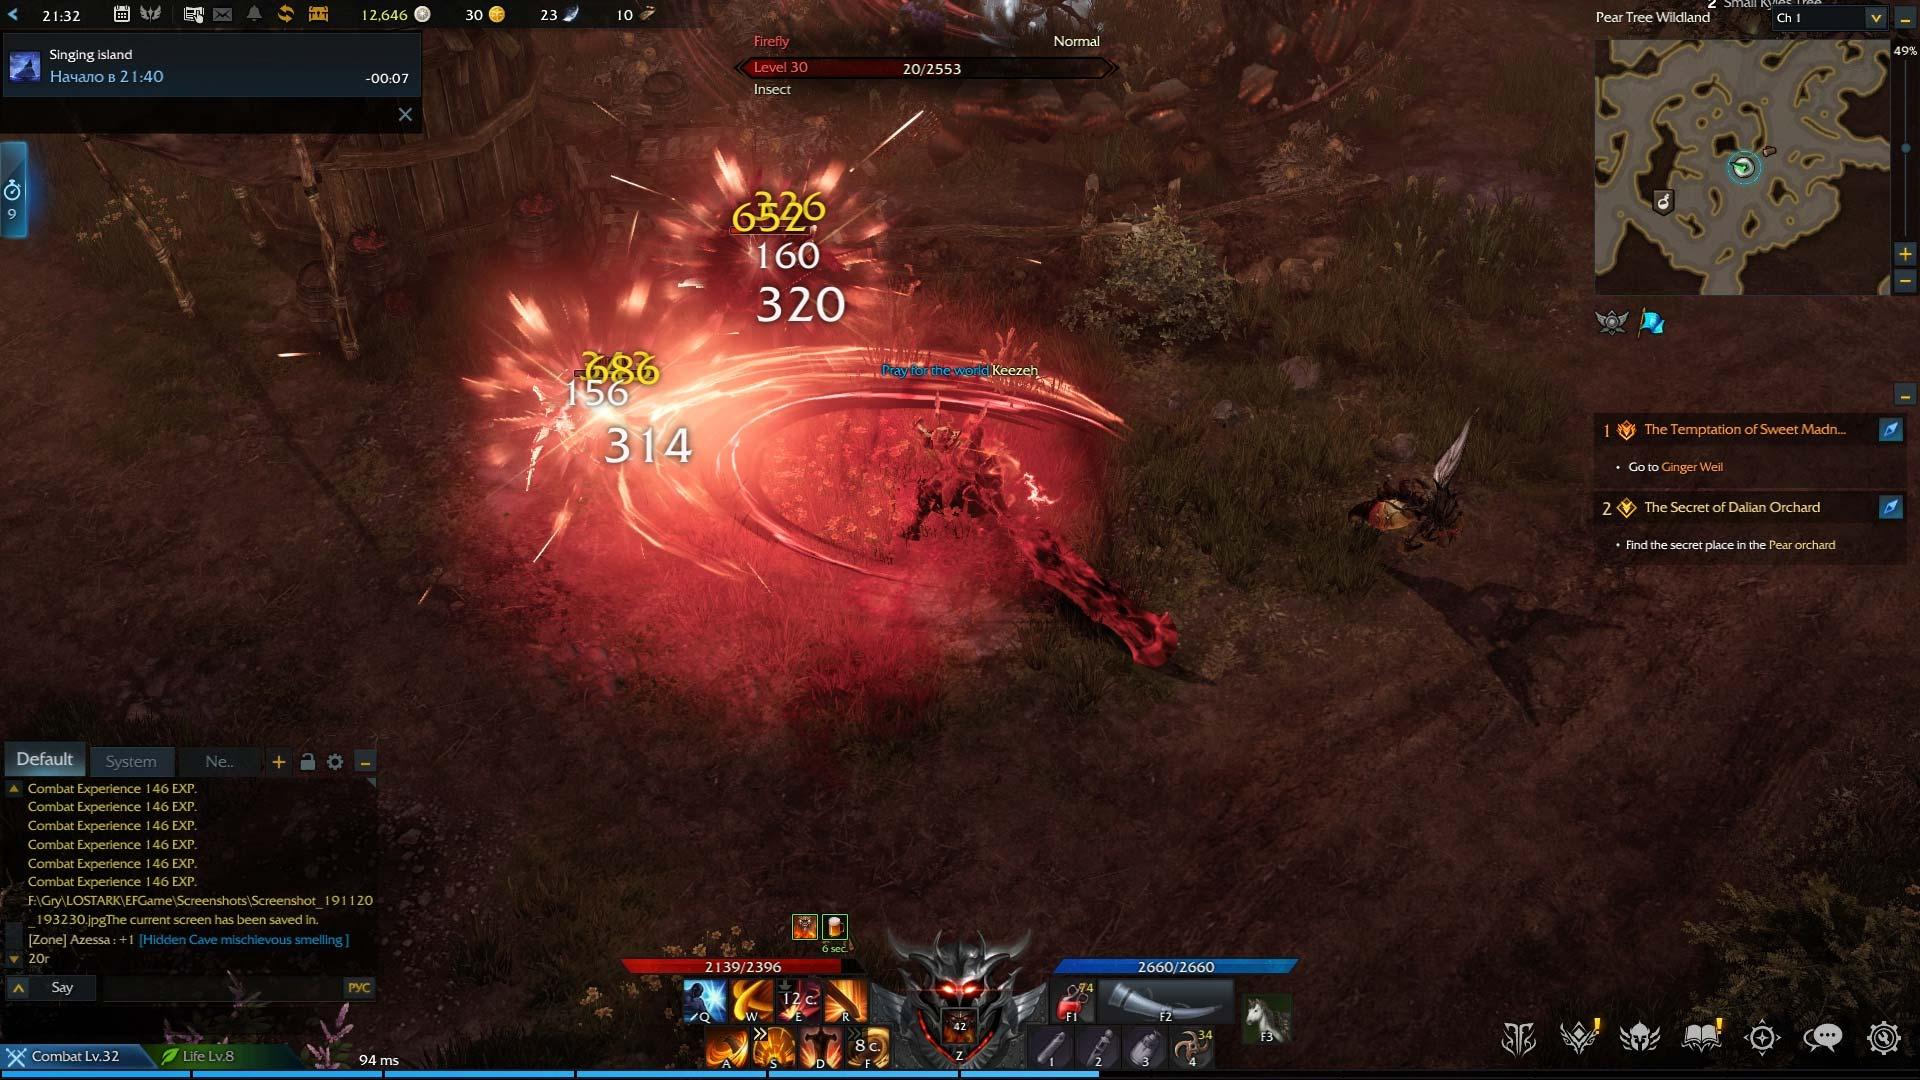 Najciekawsza klasa w MMORPG Lost Ark Online